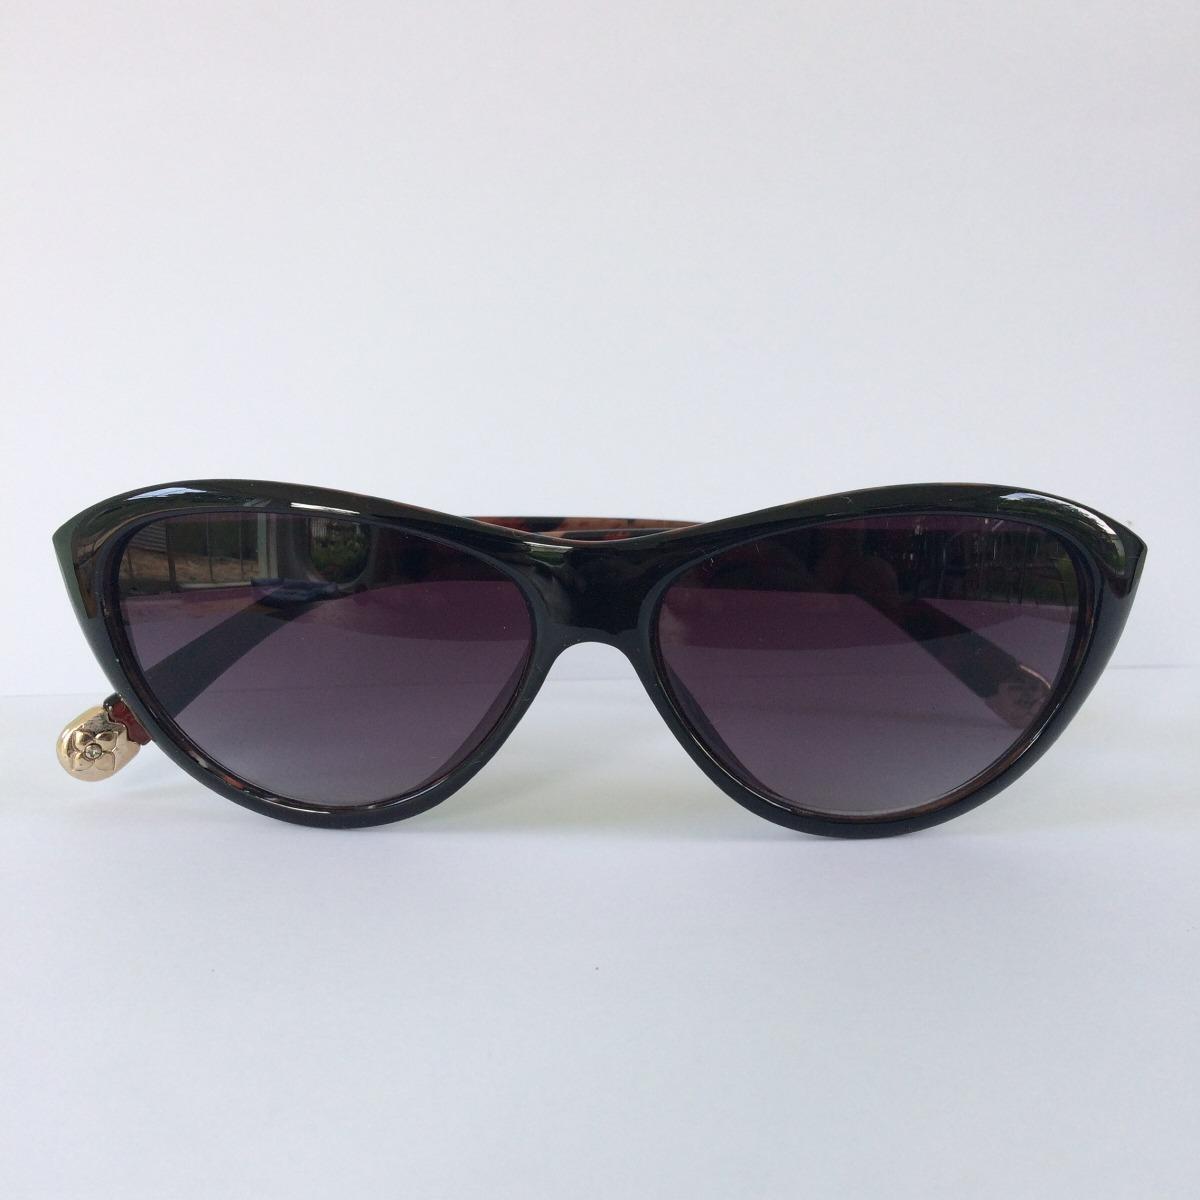 Óculos De Sol Feminino Gatinho Oncinha Proteção Uv 400 - R  15,00 em ... 8ebc6b3095